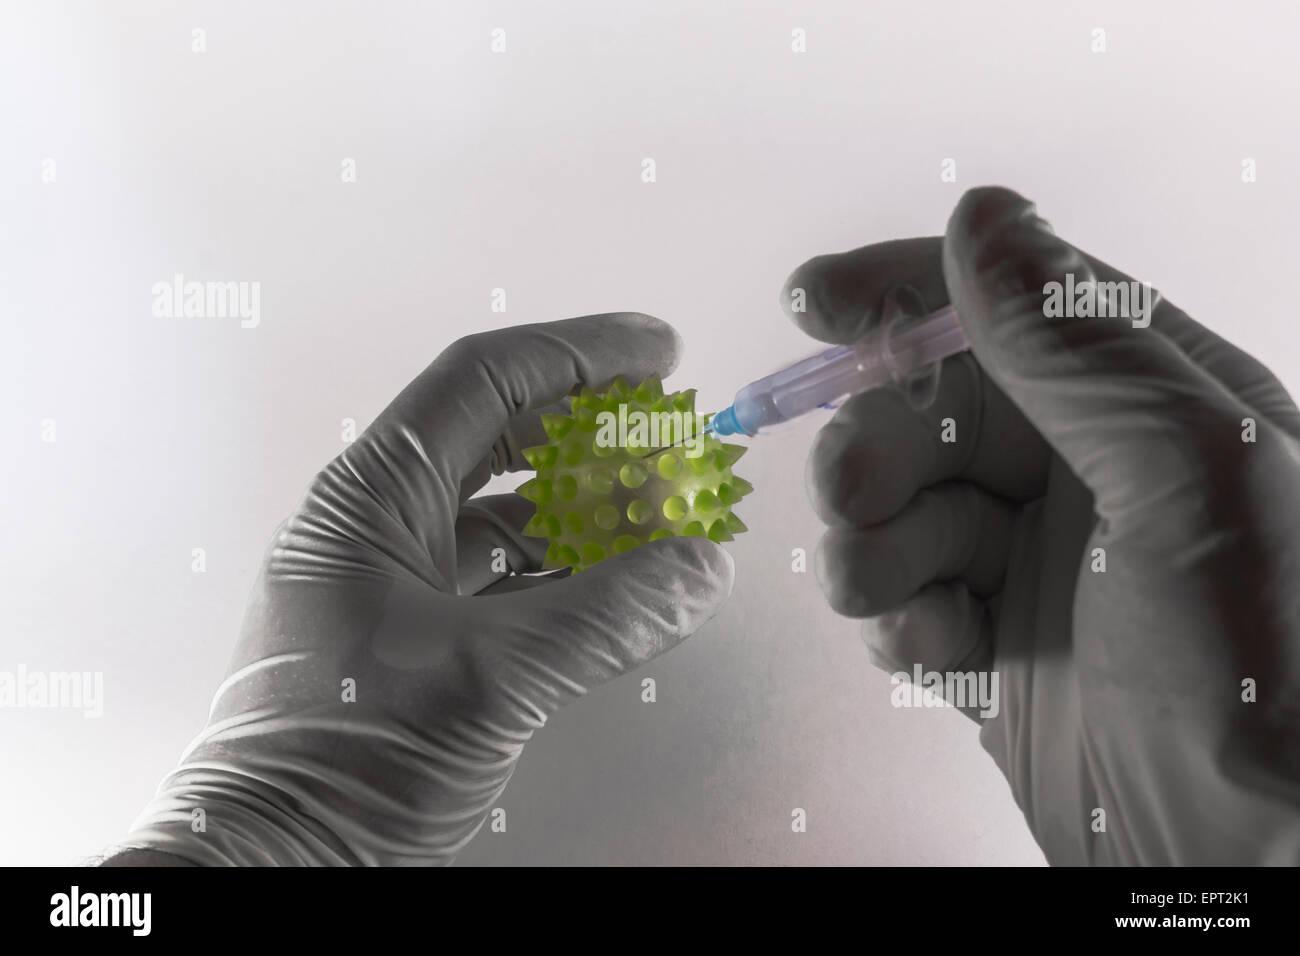 Deux mains recouvertes de latex l'injection d'une seringue hypodermique dans un grand virus vert sur fond blanc Banque D'Images